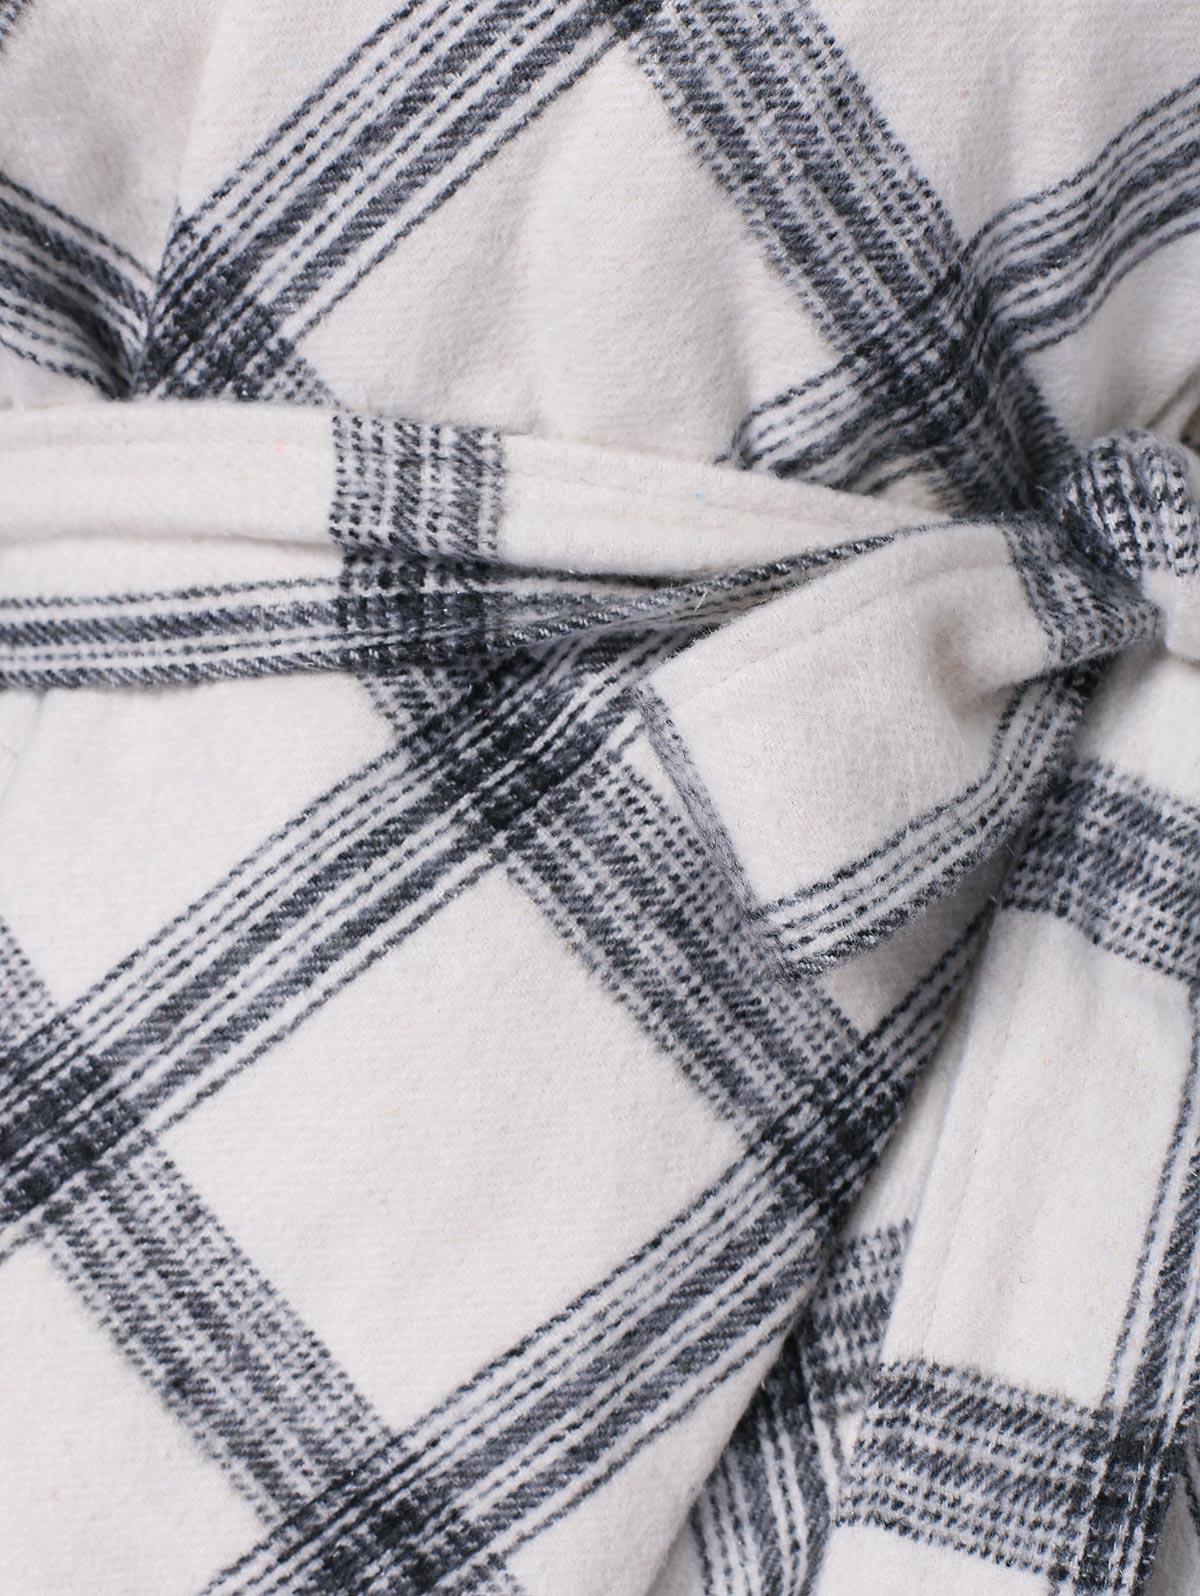 White Blanc Hiver Plaid Châle Femmes À Manteaux Kenancy Taille Asymétrique Femme Col Ceintures Automne Carreaux Noir Imprimé Plus Tops Revers Manteau RzwxxPF